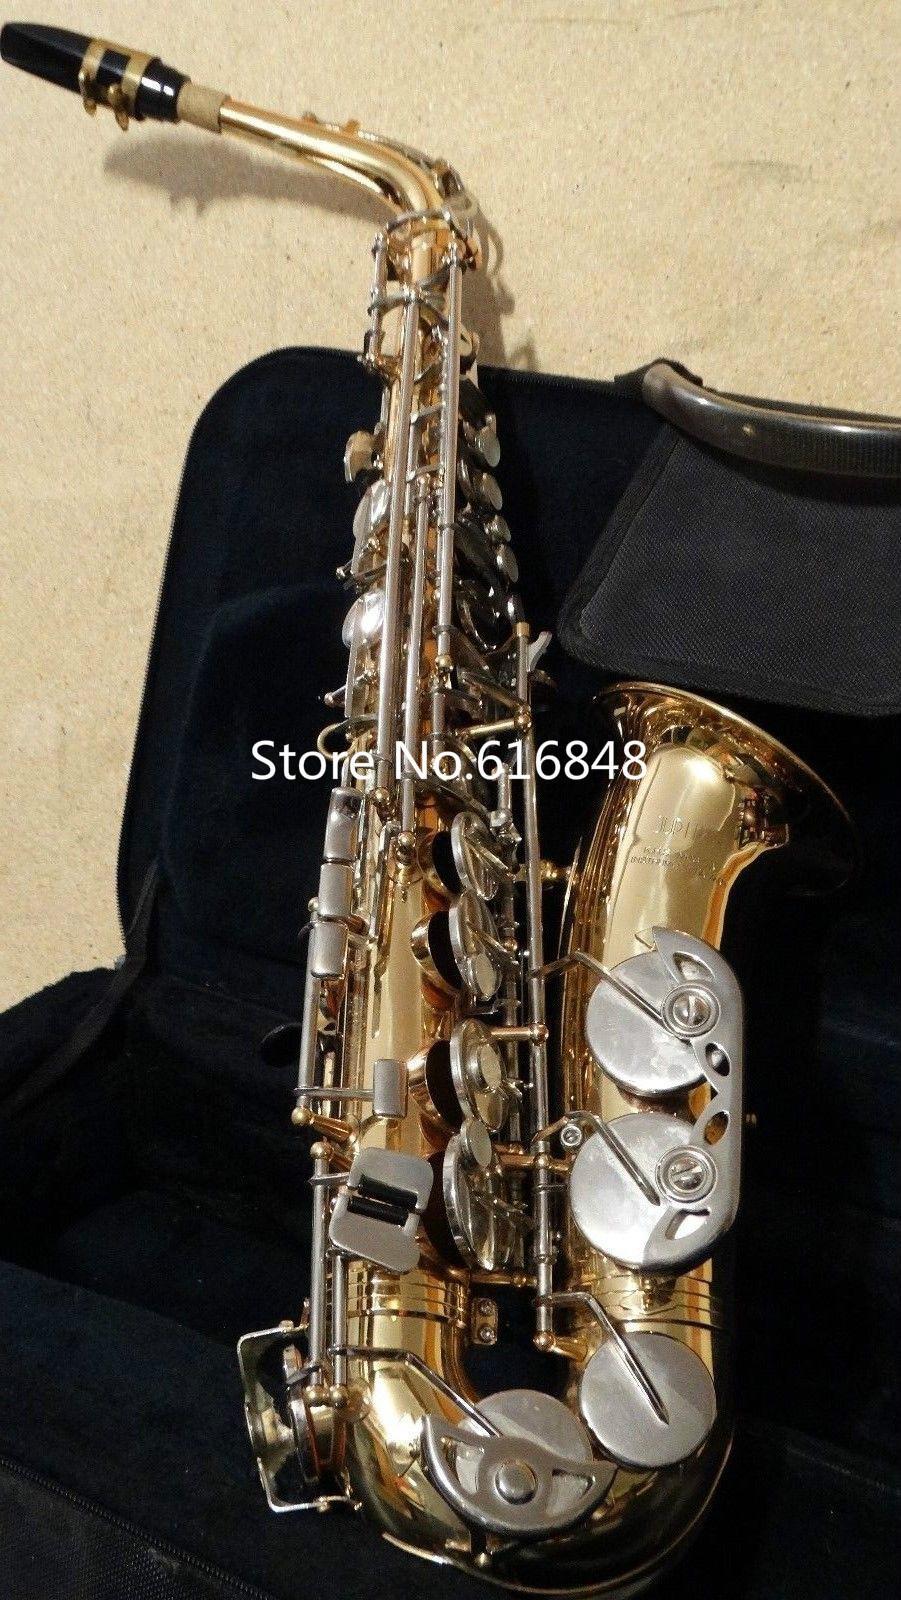 Yüksek Kaliteli JUPITER JAS 669-667 Eb Ayarlama Müzik Aletleri Alto Saksafon Altın Vernik Vücut Gümüş Kaplama Anahtar Sax Ücretsiz Kargo